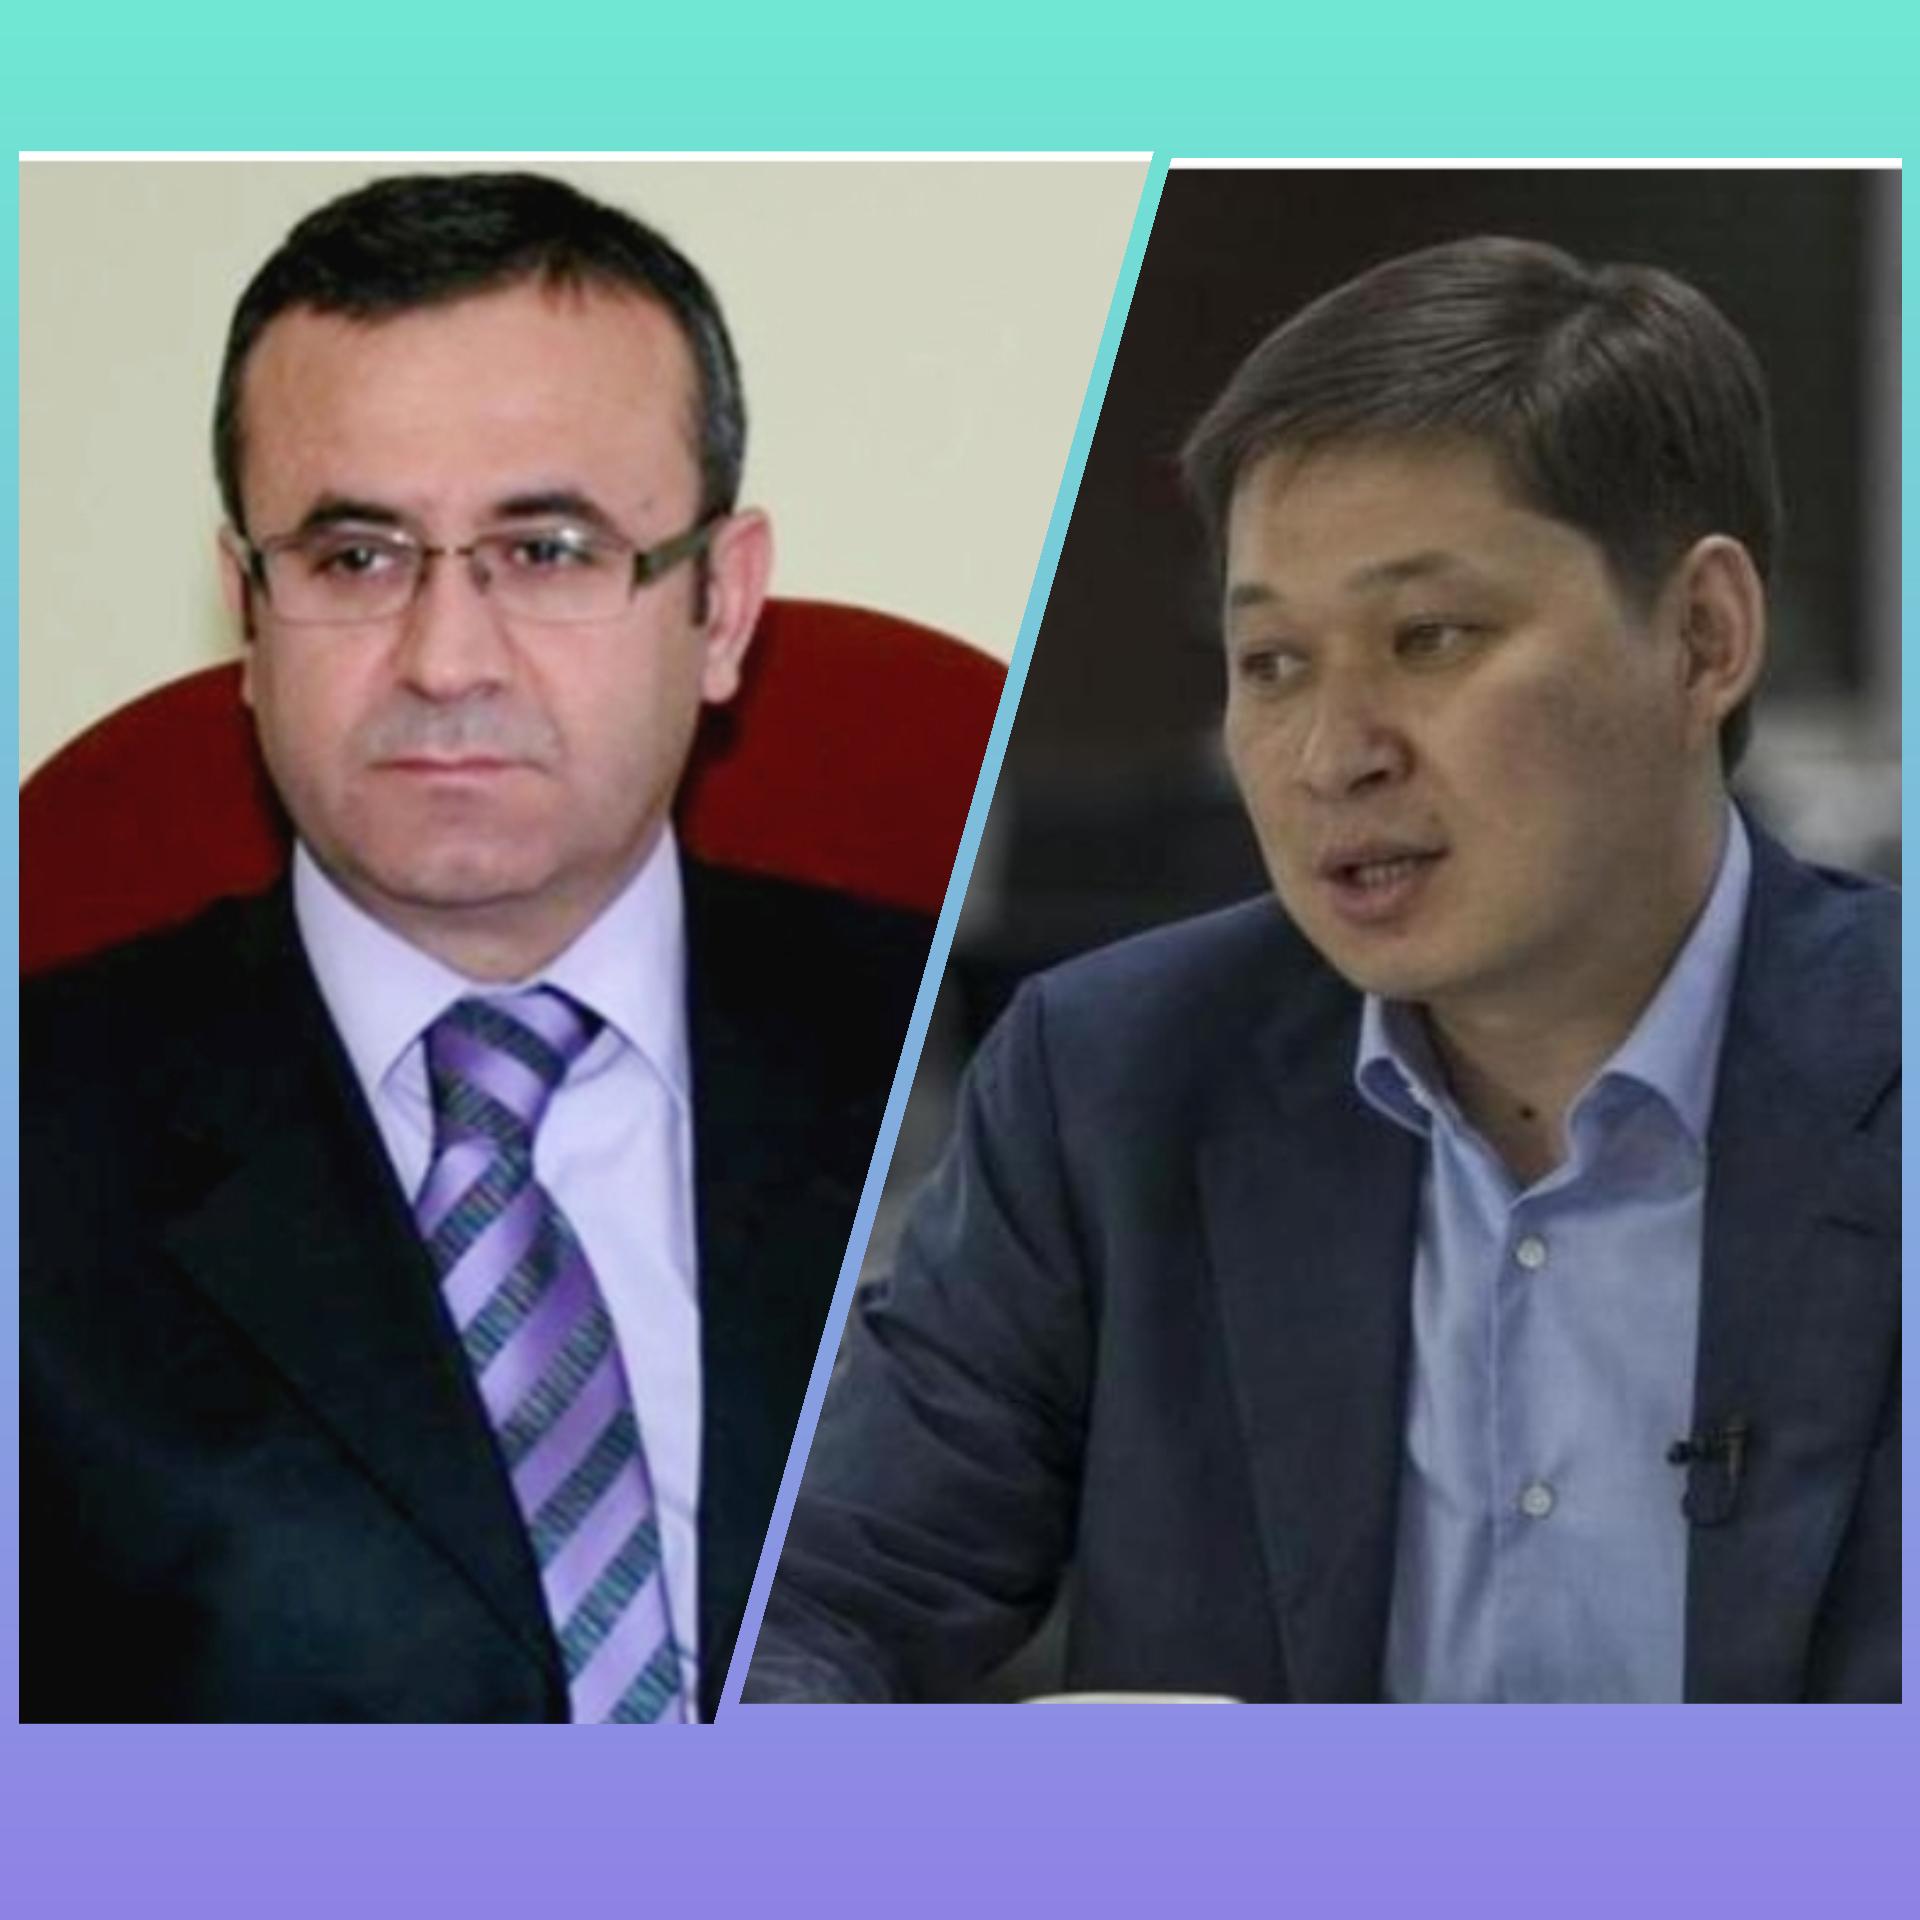 Орхан Инандынын кыргыз паспорту боюнча 9 адам айыпталып, Сапар Исаковго издөө жарыяланды